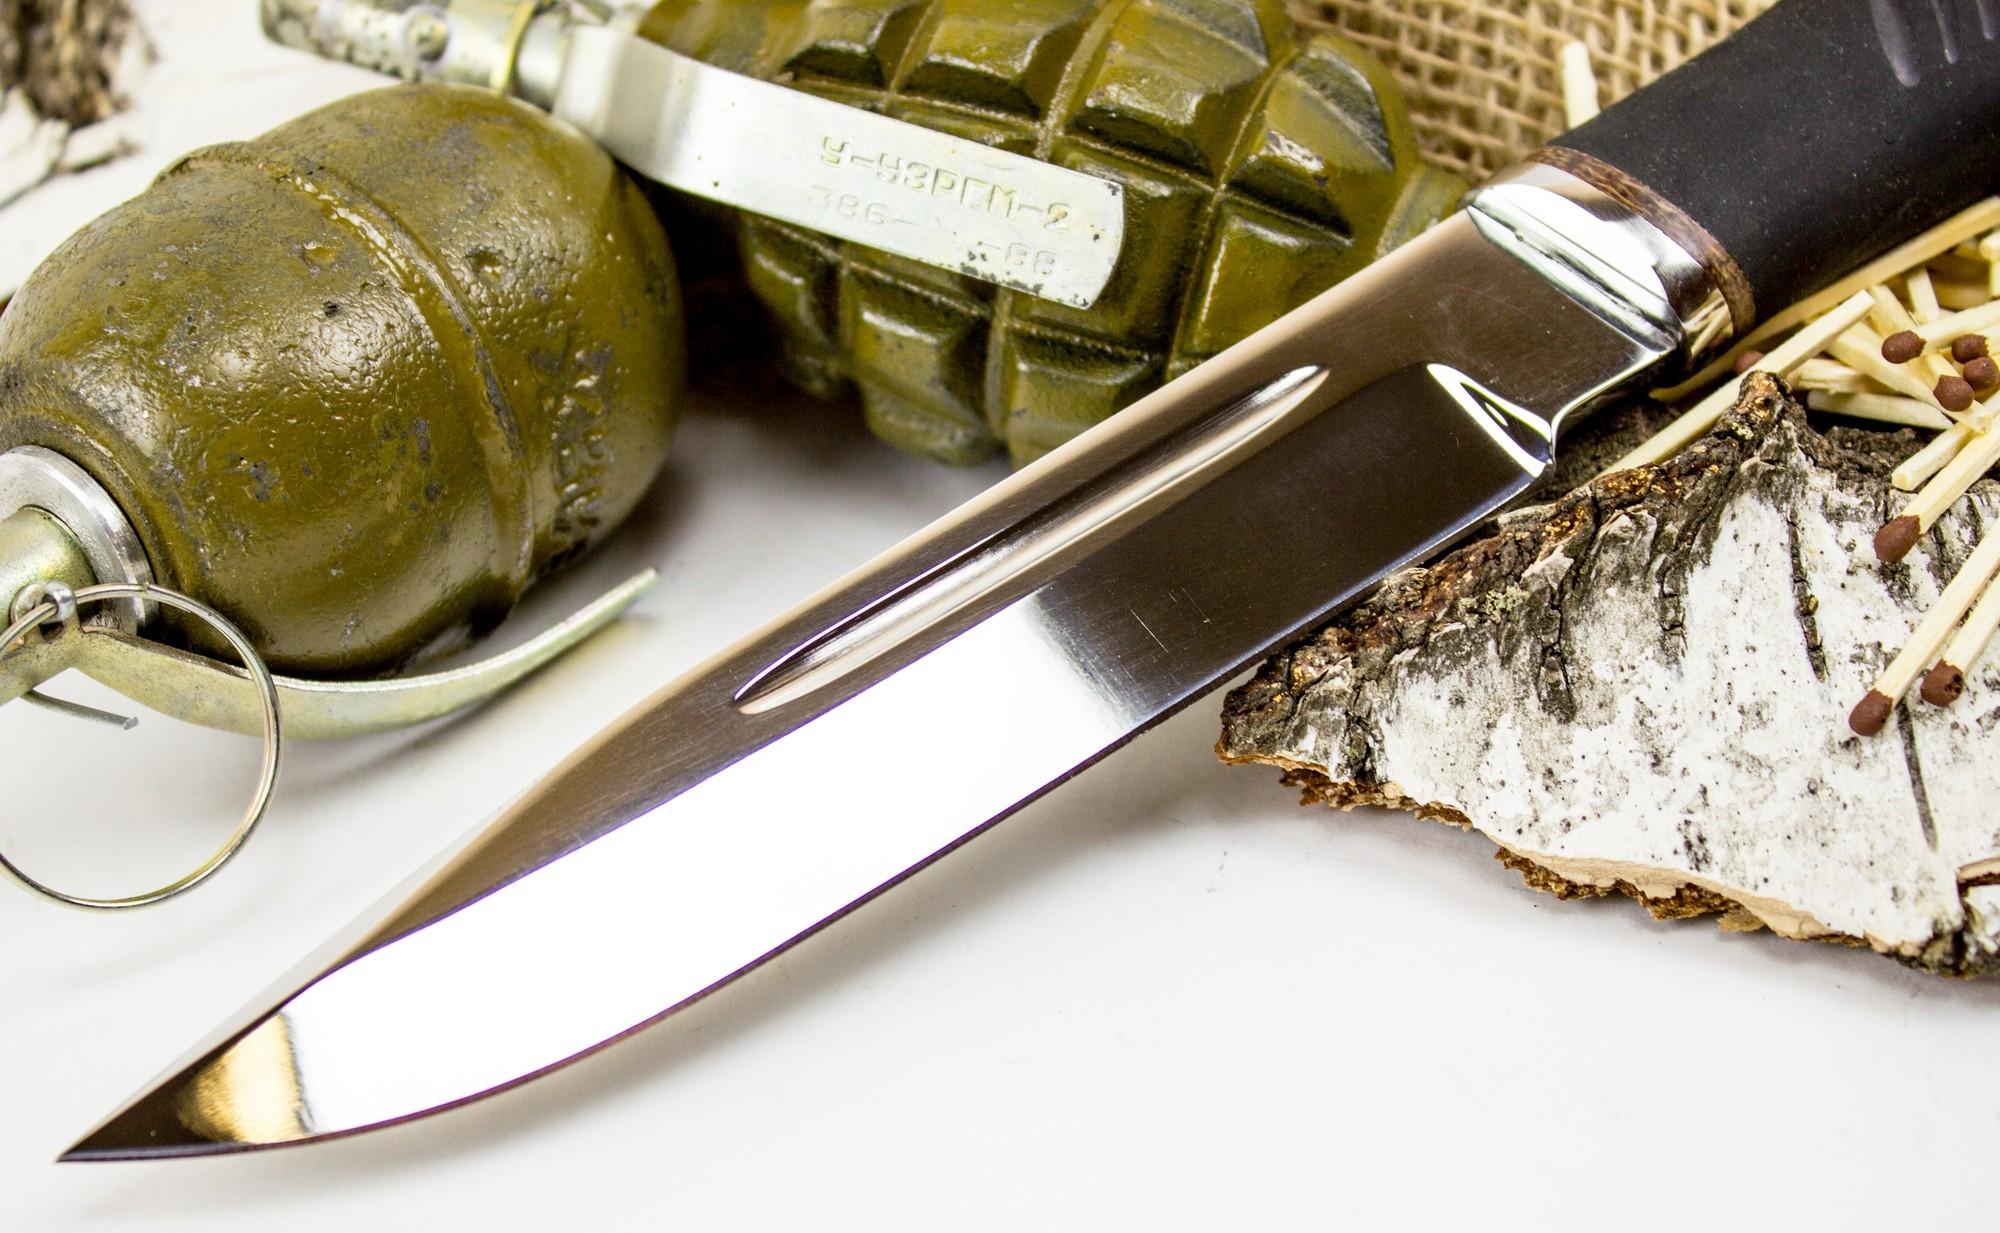 Фото 7 - Нож Казак-1, сталь 65х13 от Титов и Солдатова